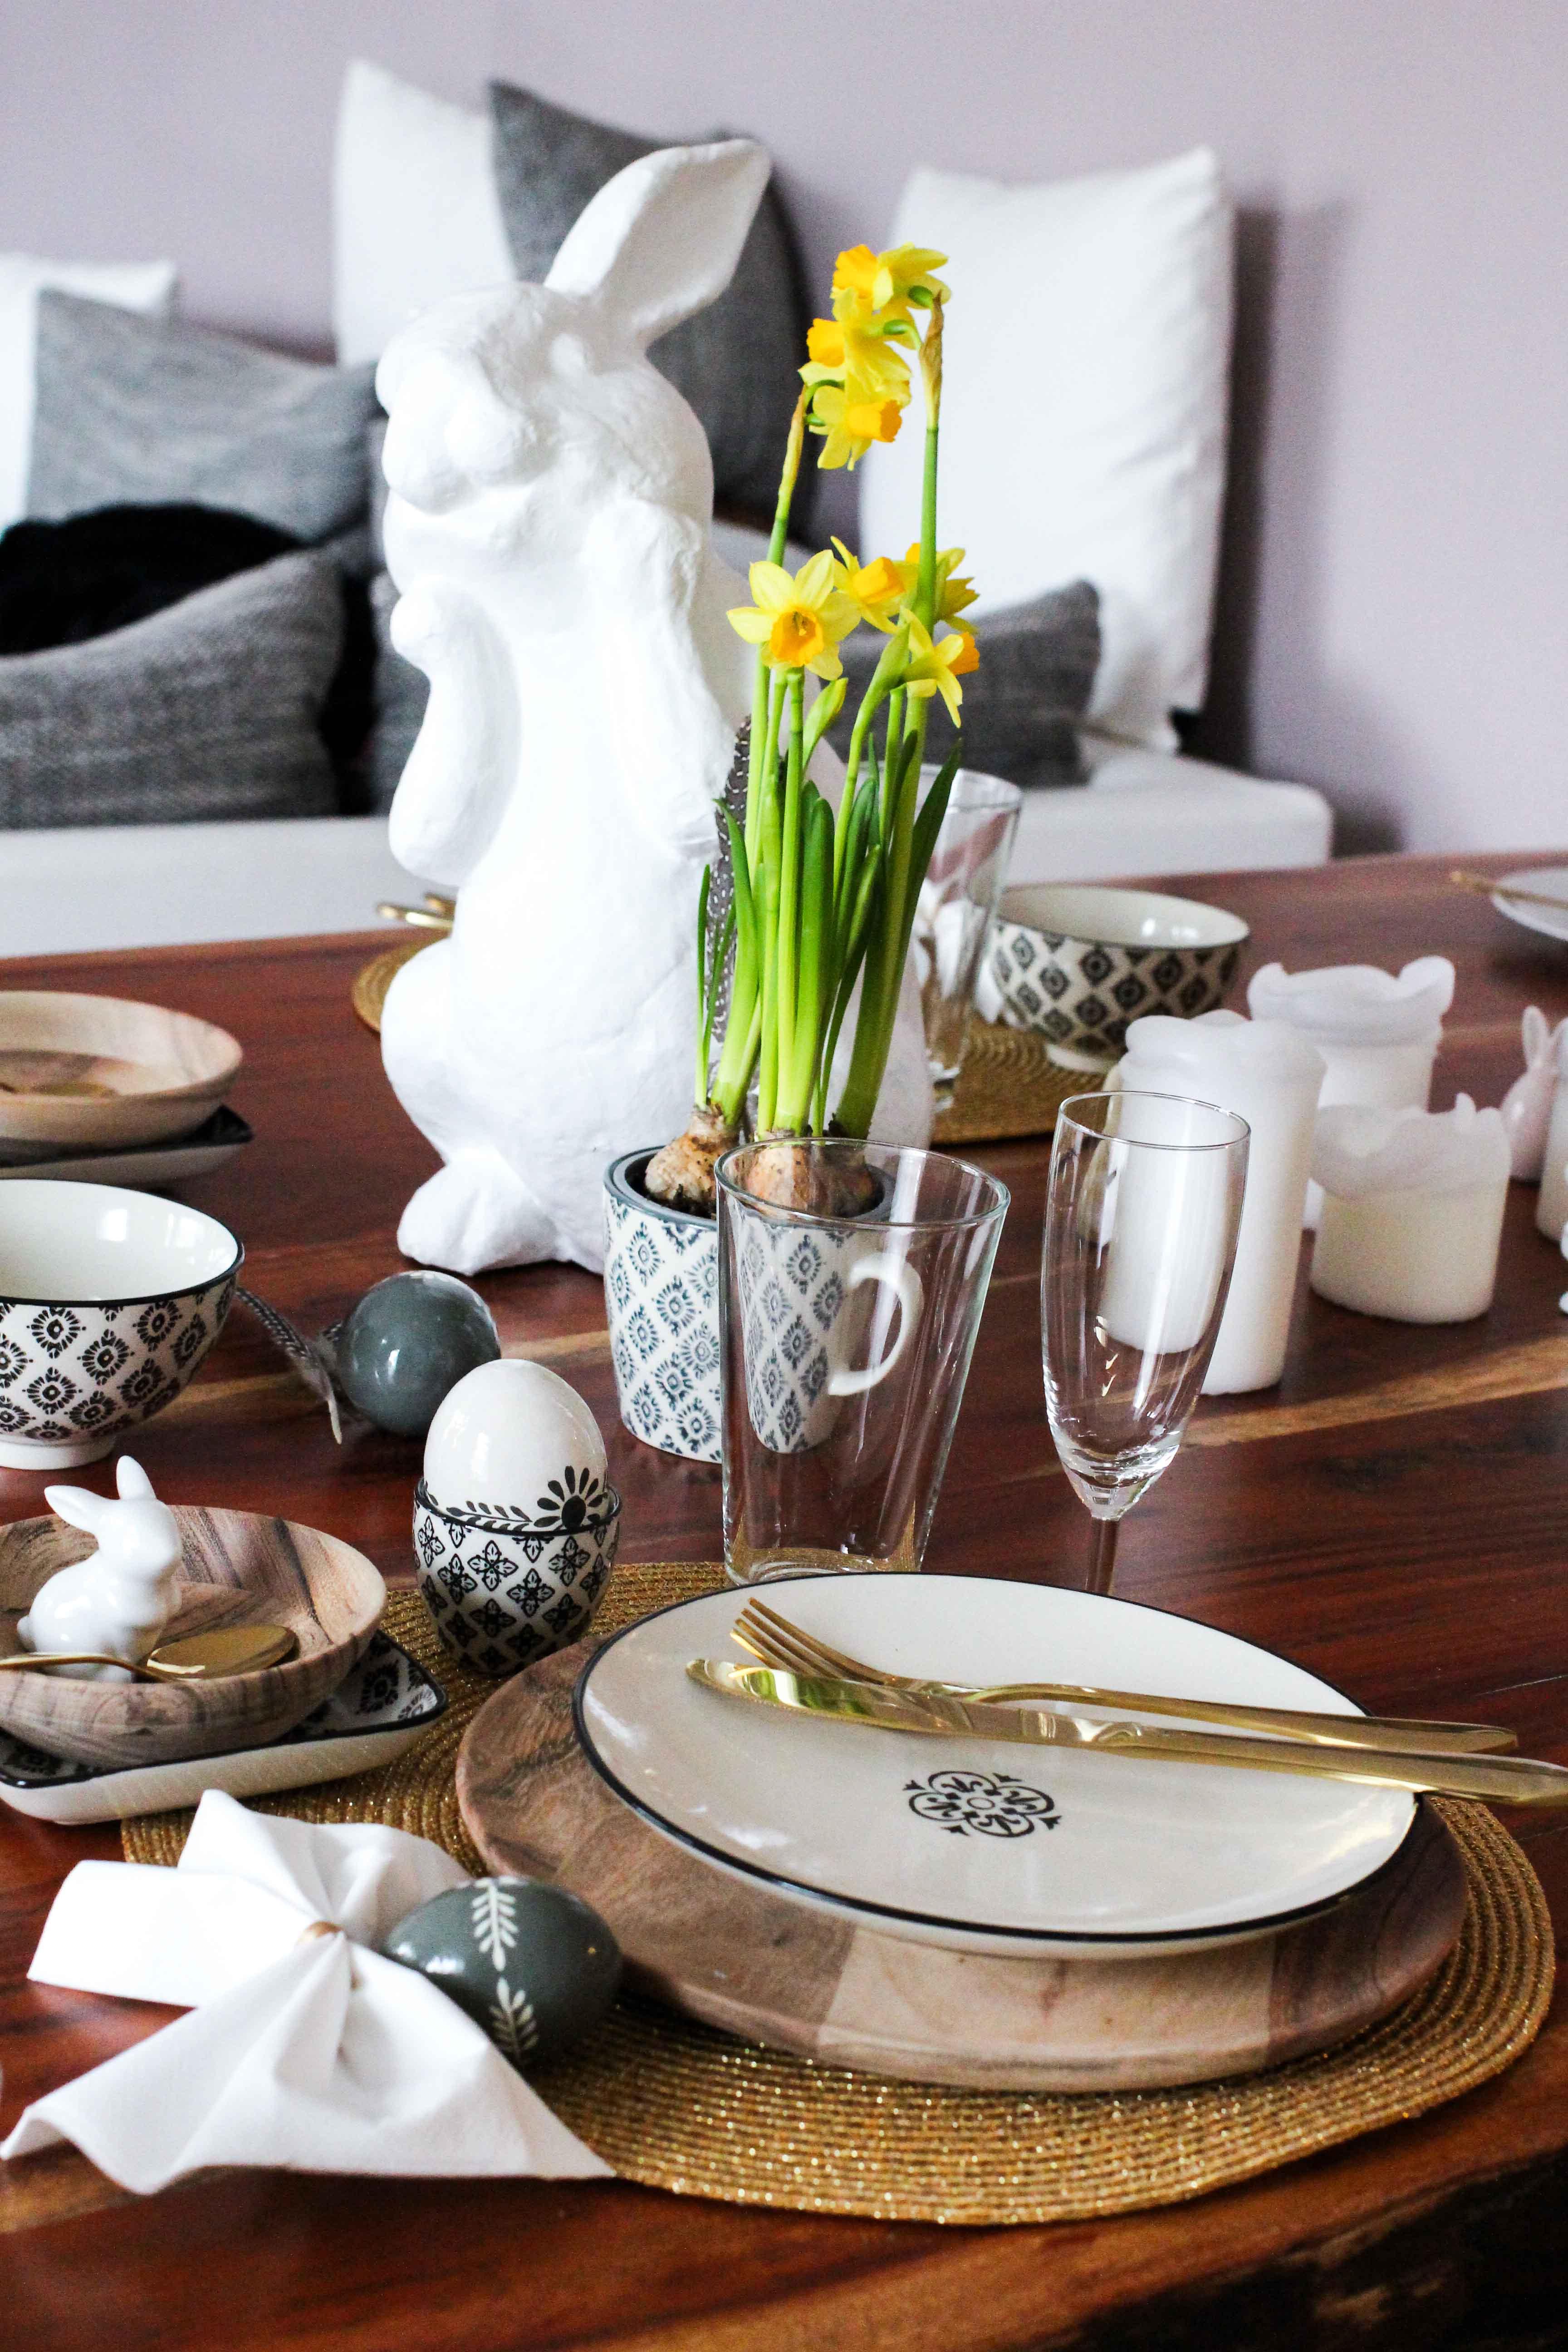 Oster Tisch Dekoration skandinavisches Design Ib Laursen Ostern Tisch dekorieren Besteck Gold Holzteller Interior Blog Ostereier Ediths Interior Blog